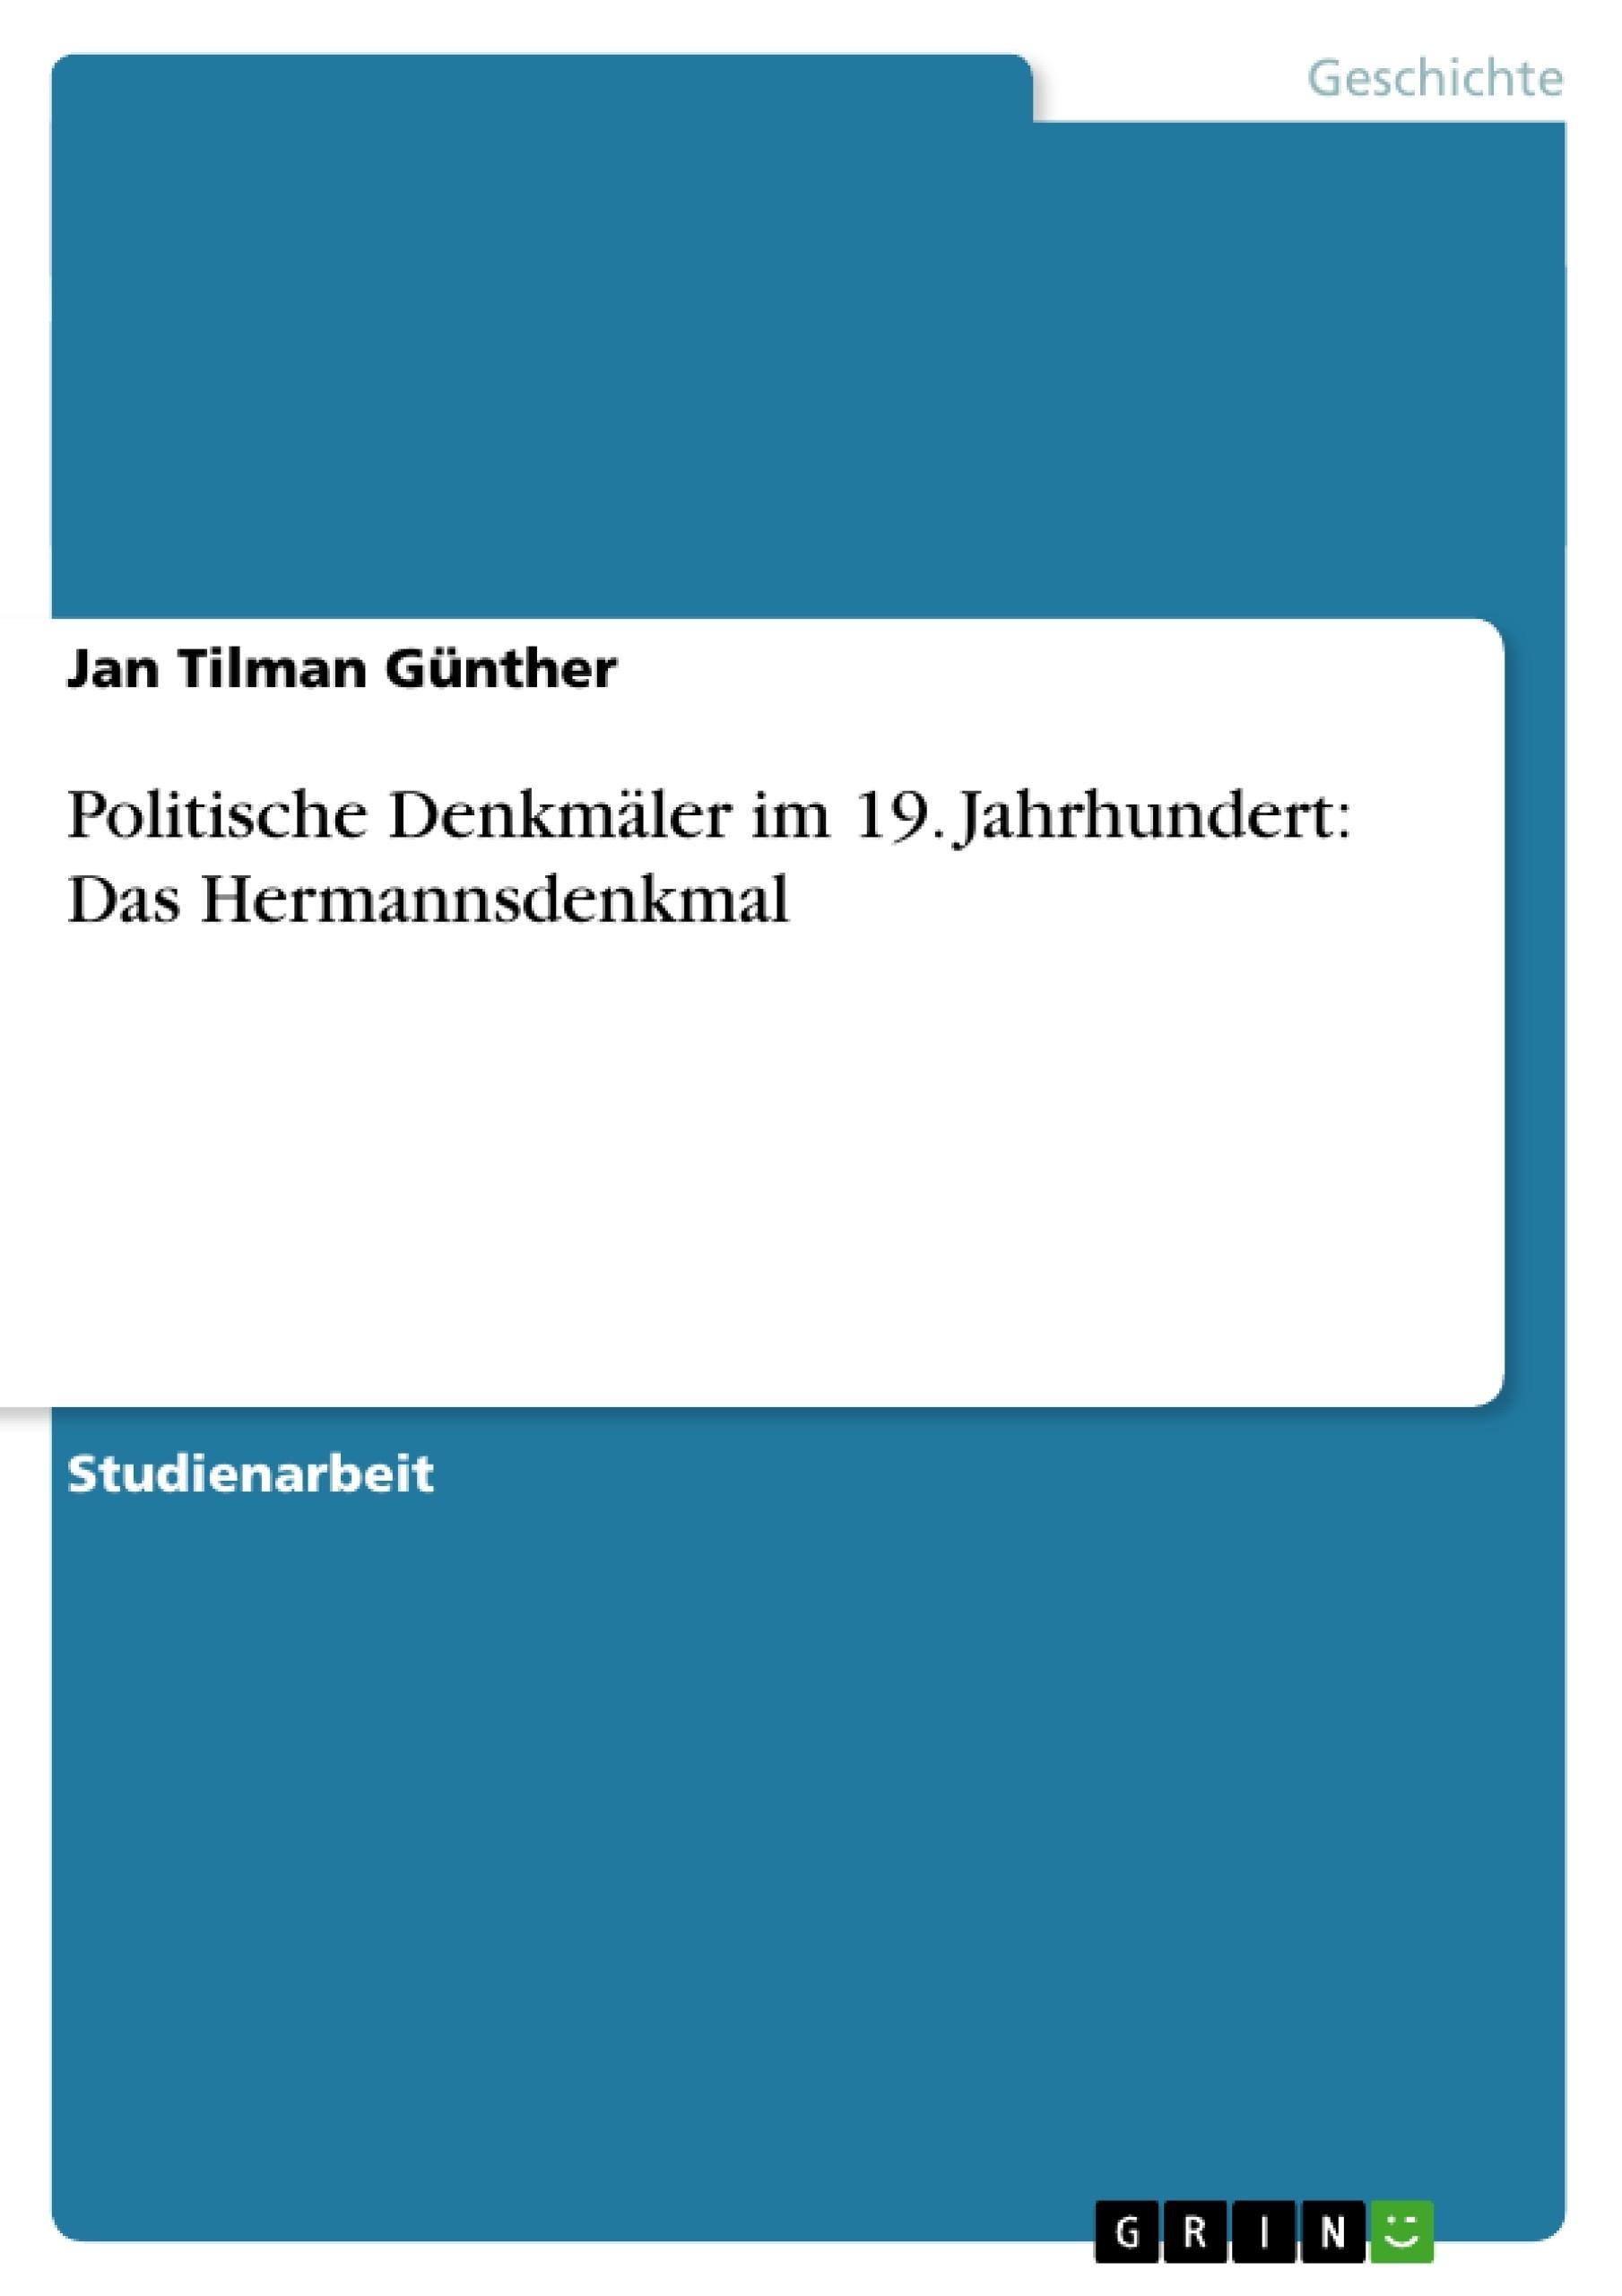 Titel: Politische Denkmäler im 19. Jahrhundert: Das Hermannsdenkmal